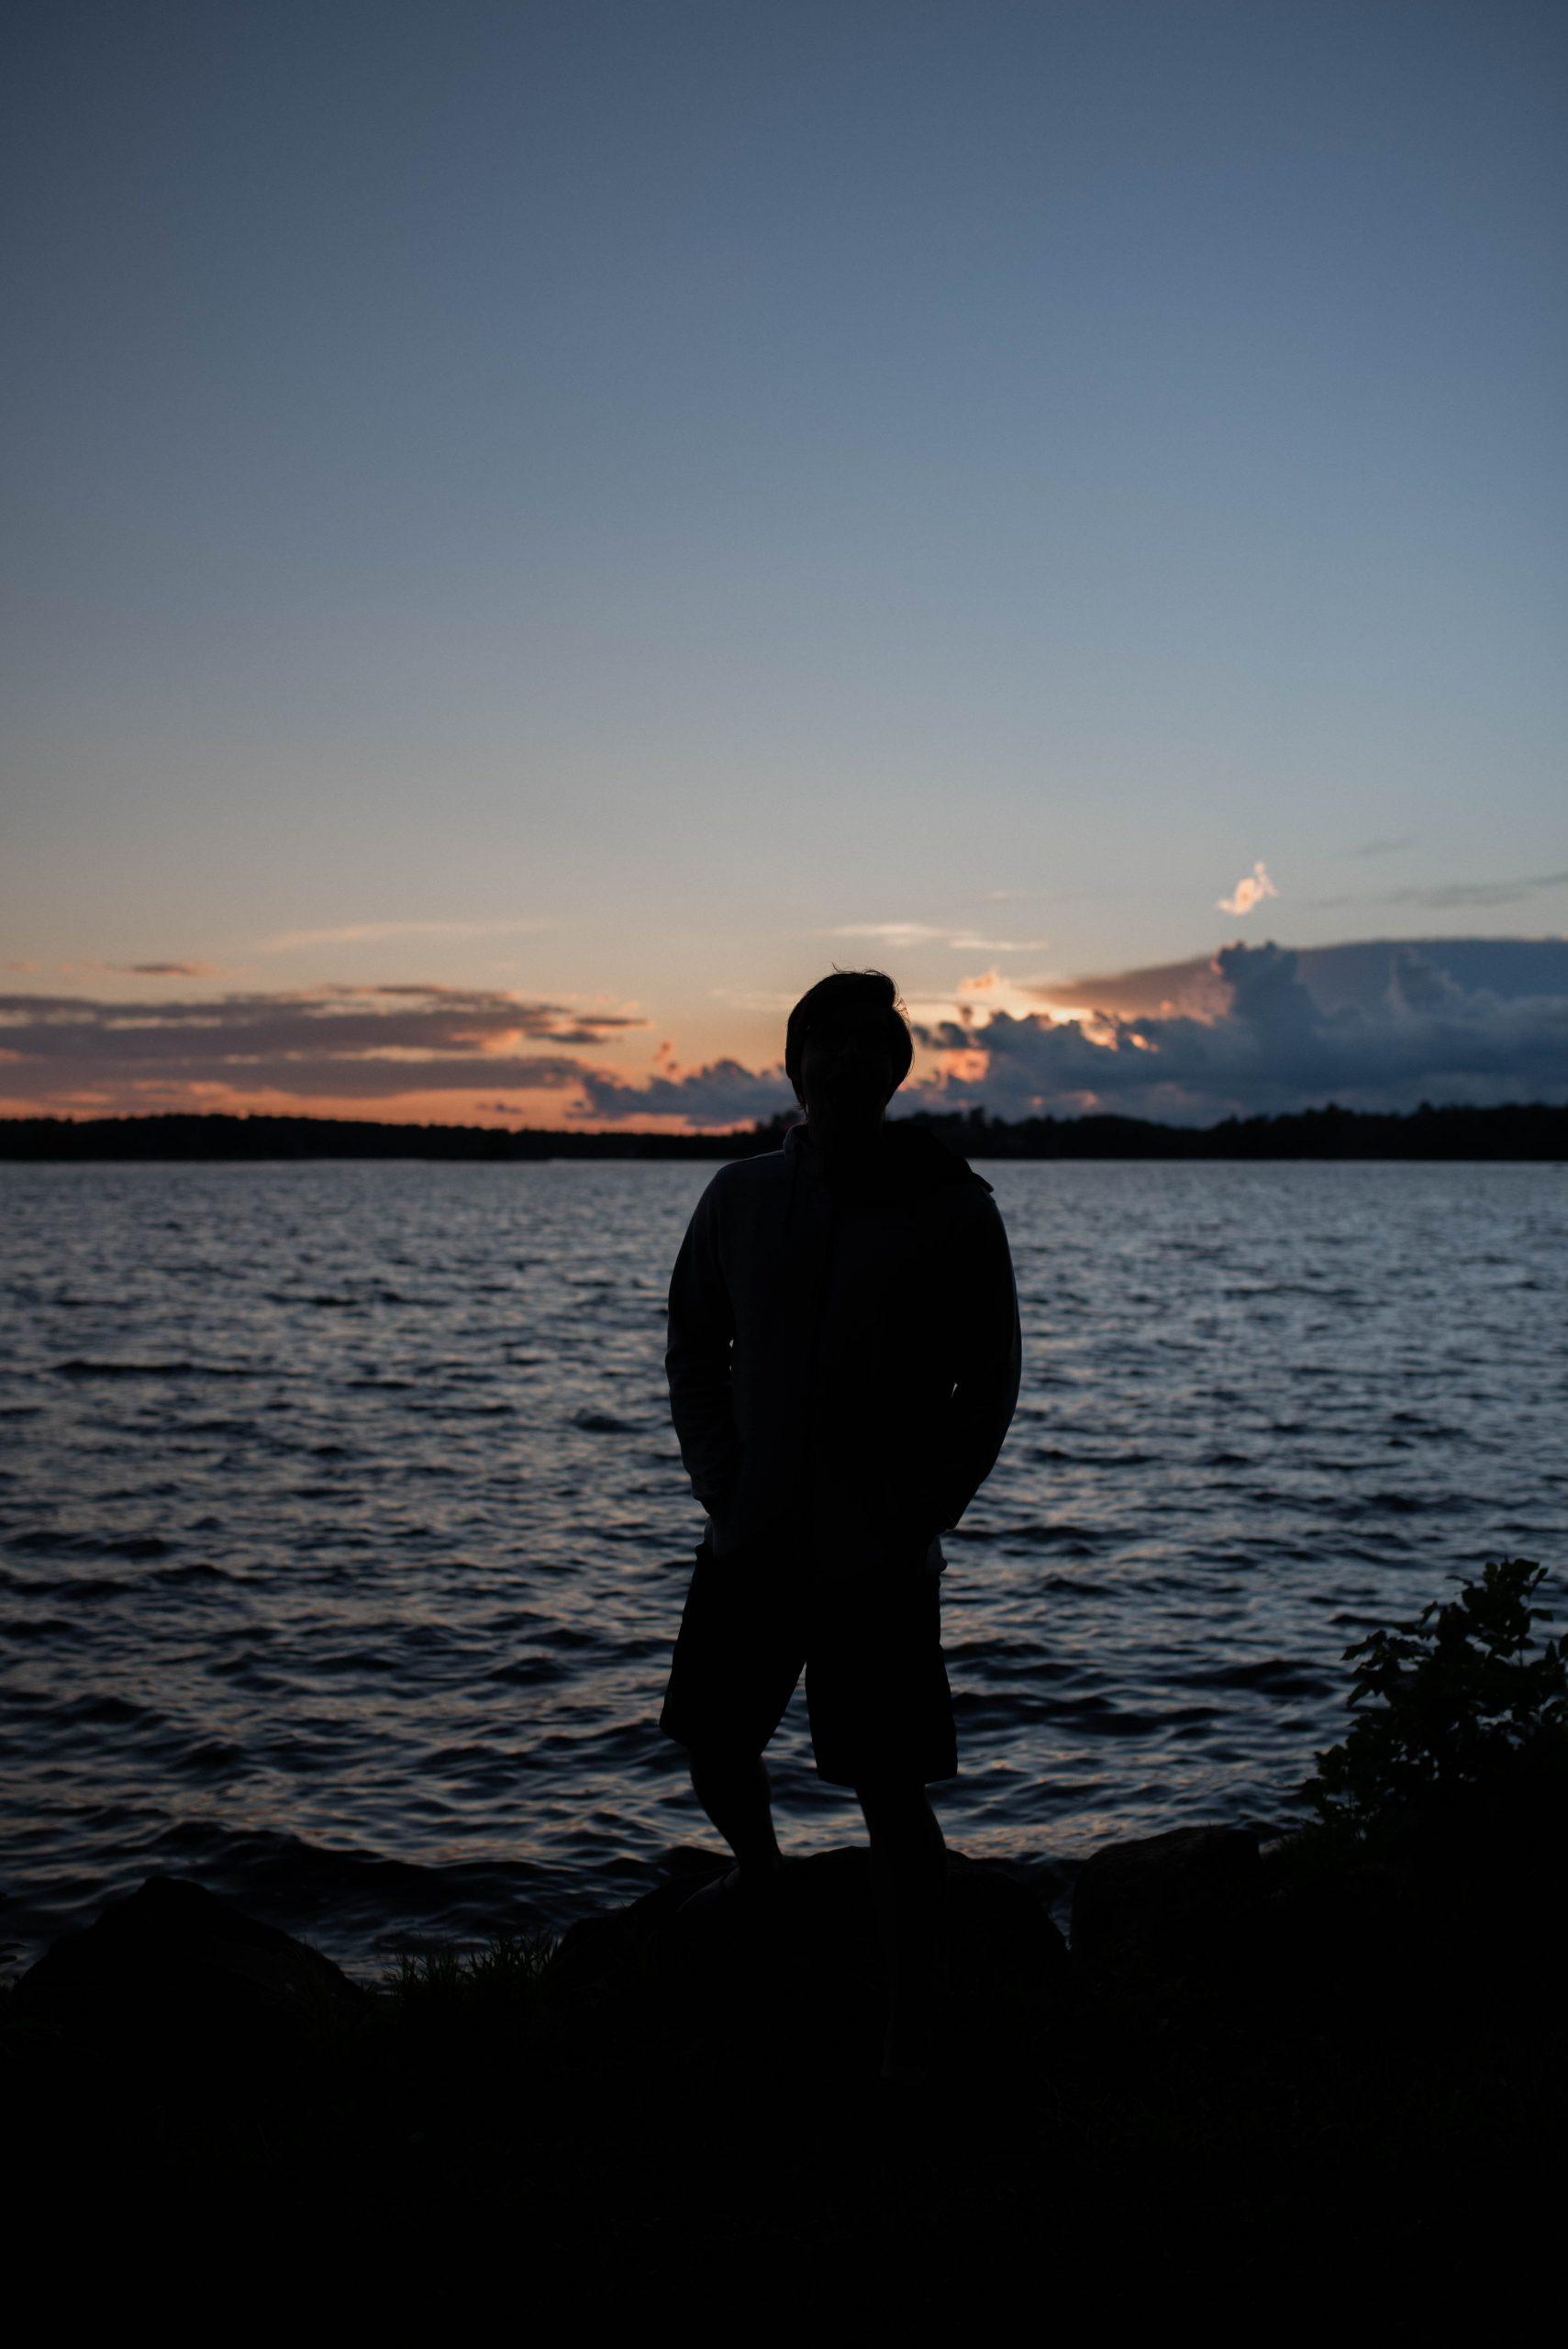 Sunset silhouette in Muskoka